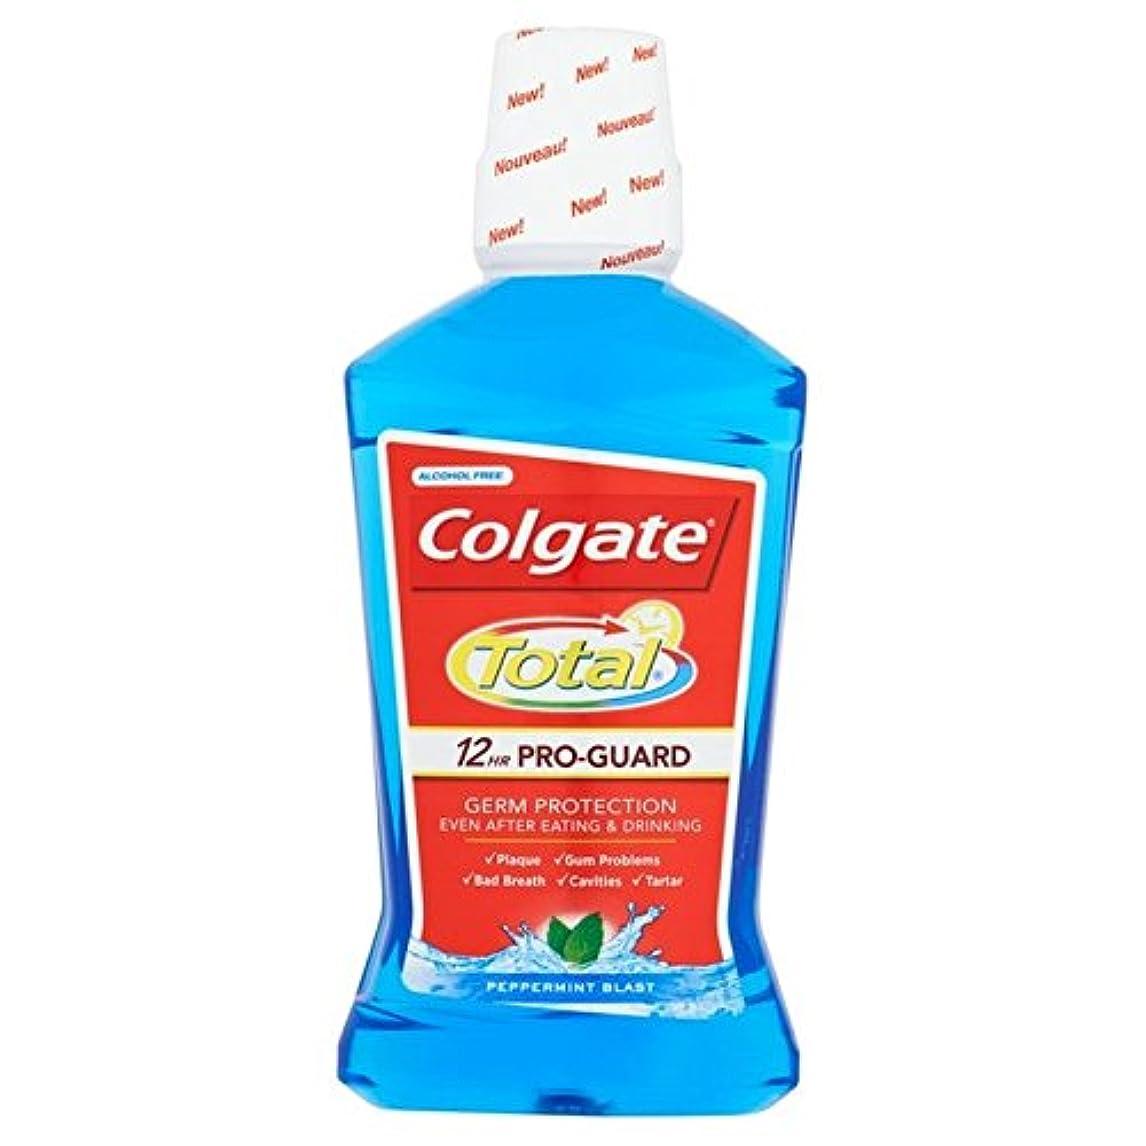 石油パネル外部コルゲートトータル高度なブルーマウスウォッシュ500ミリリットル x2 - Colgate Total Advanced Blue Mouthwash 500ml (Pack of 2) [並行輸入品]